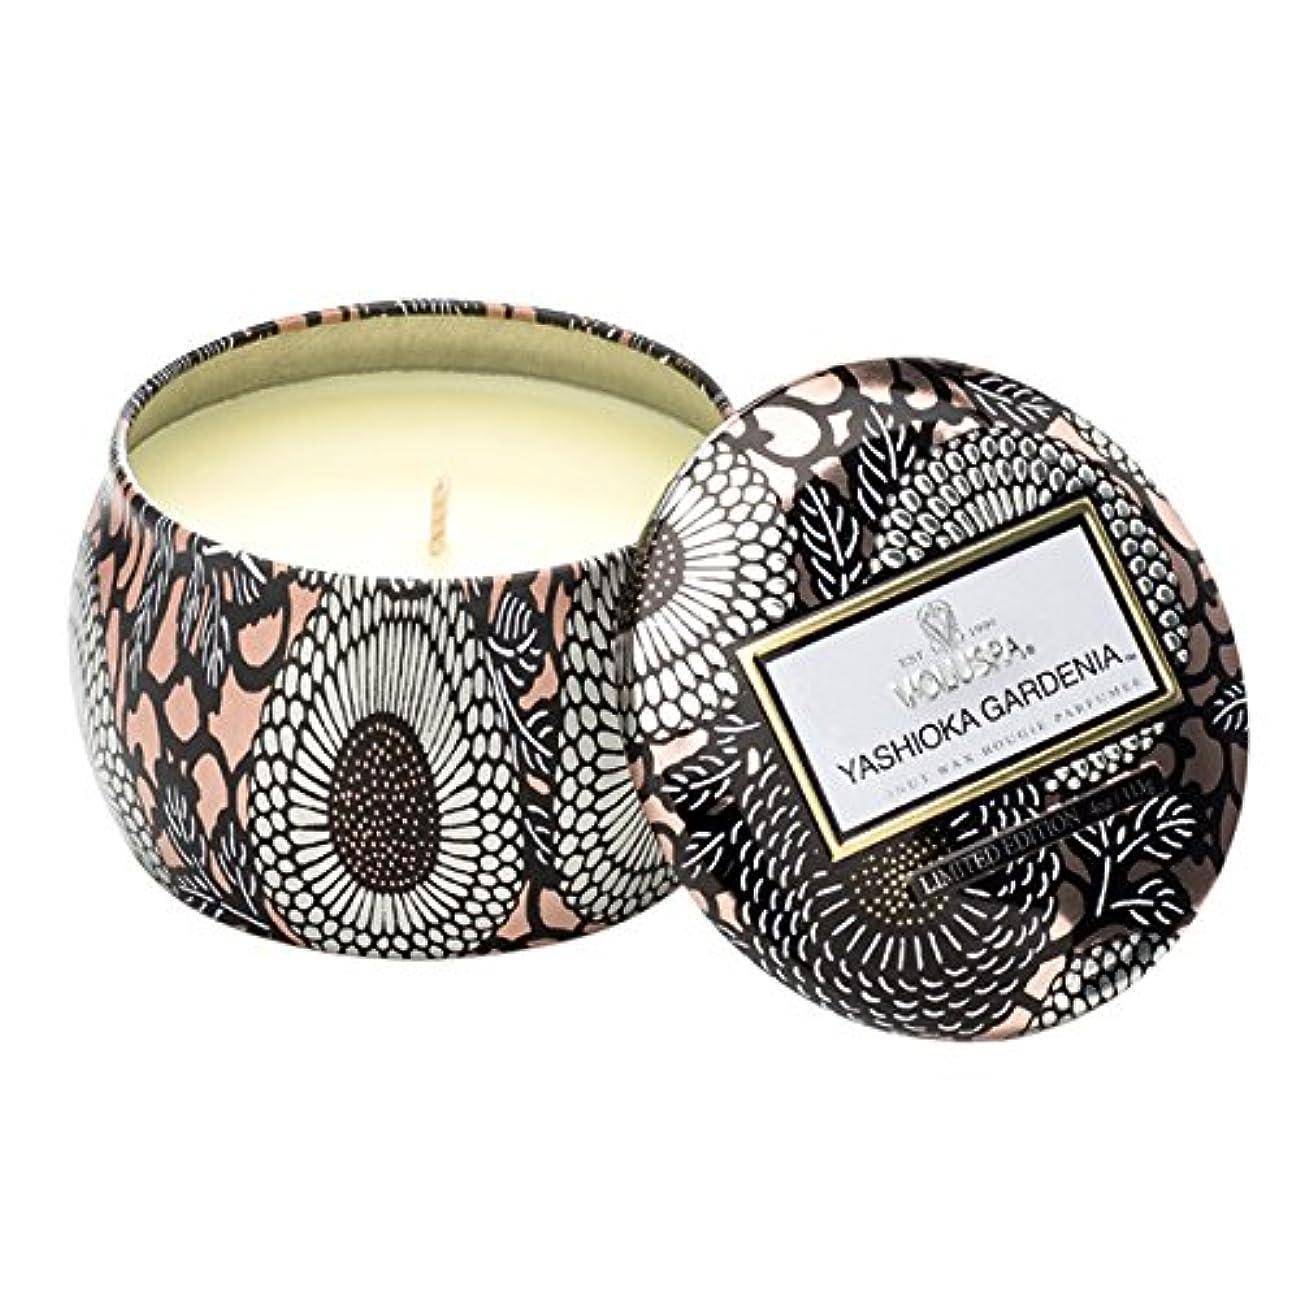 モッキンバード男やもめゼリーVoluspa ボルスパ ジャポニカ リミテッド ティンキャンドル  S ヤシオカガーデニア YASHIOKA GARDENIA JAPONICA Limited PETITE Tin Glass Candle